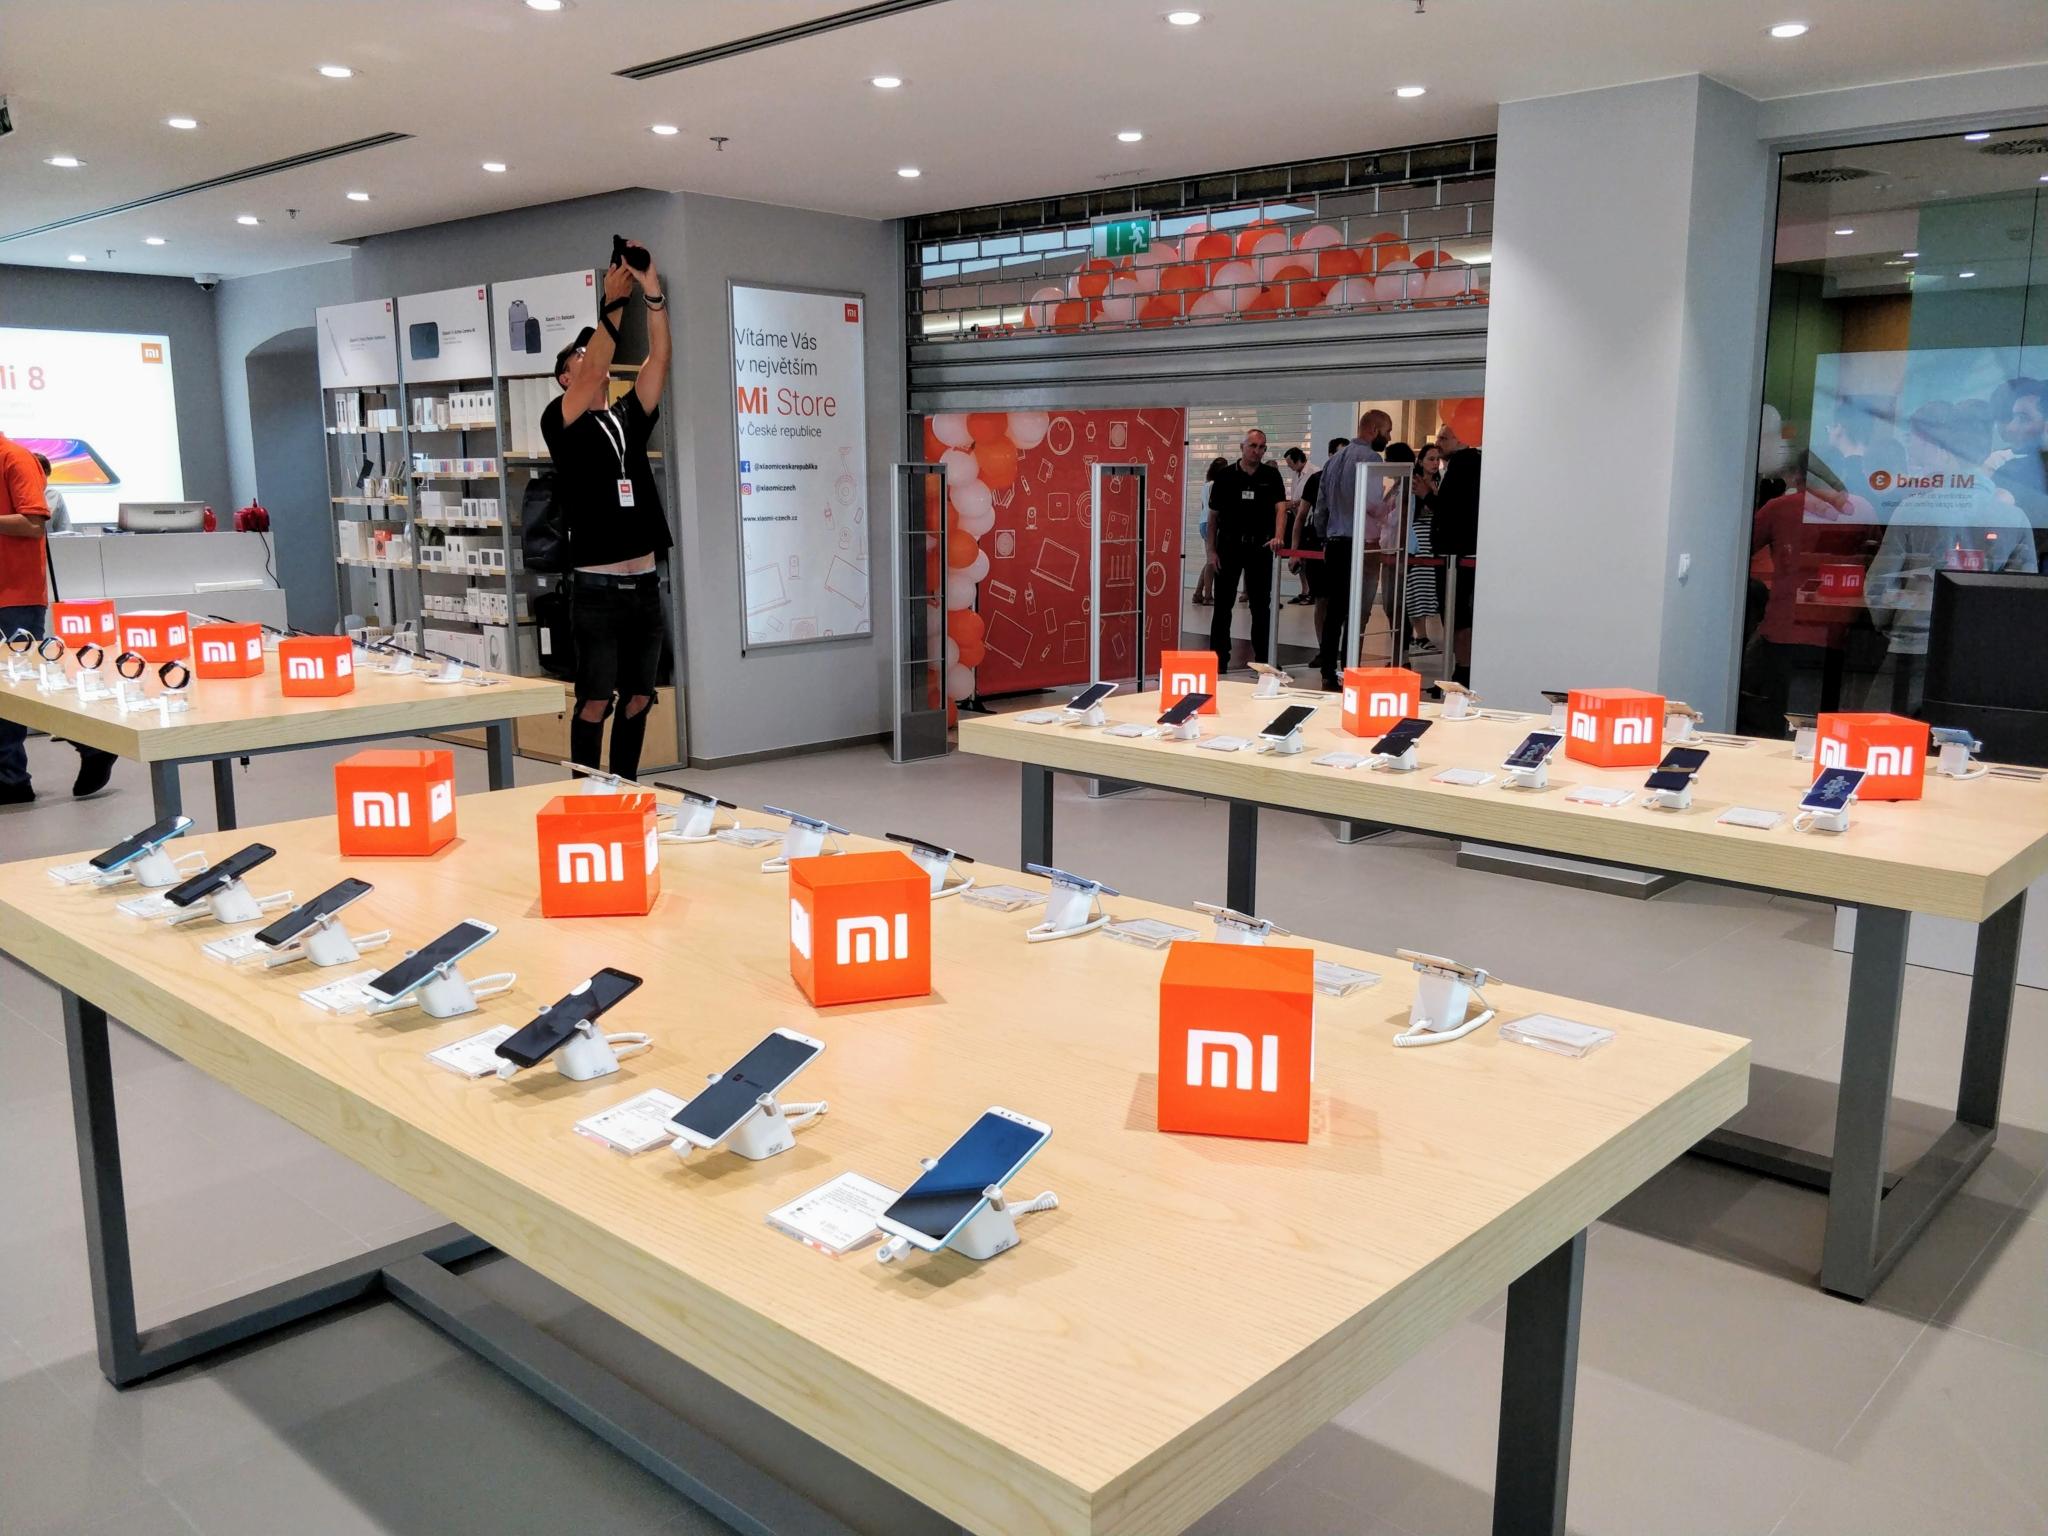 Nový Mi Store v Opavě, nabídne například Mi Max 3